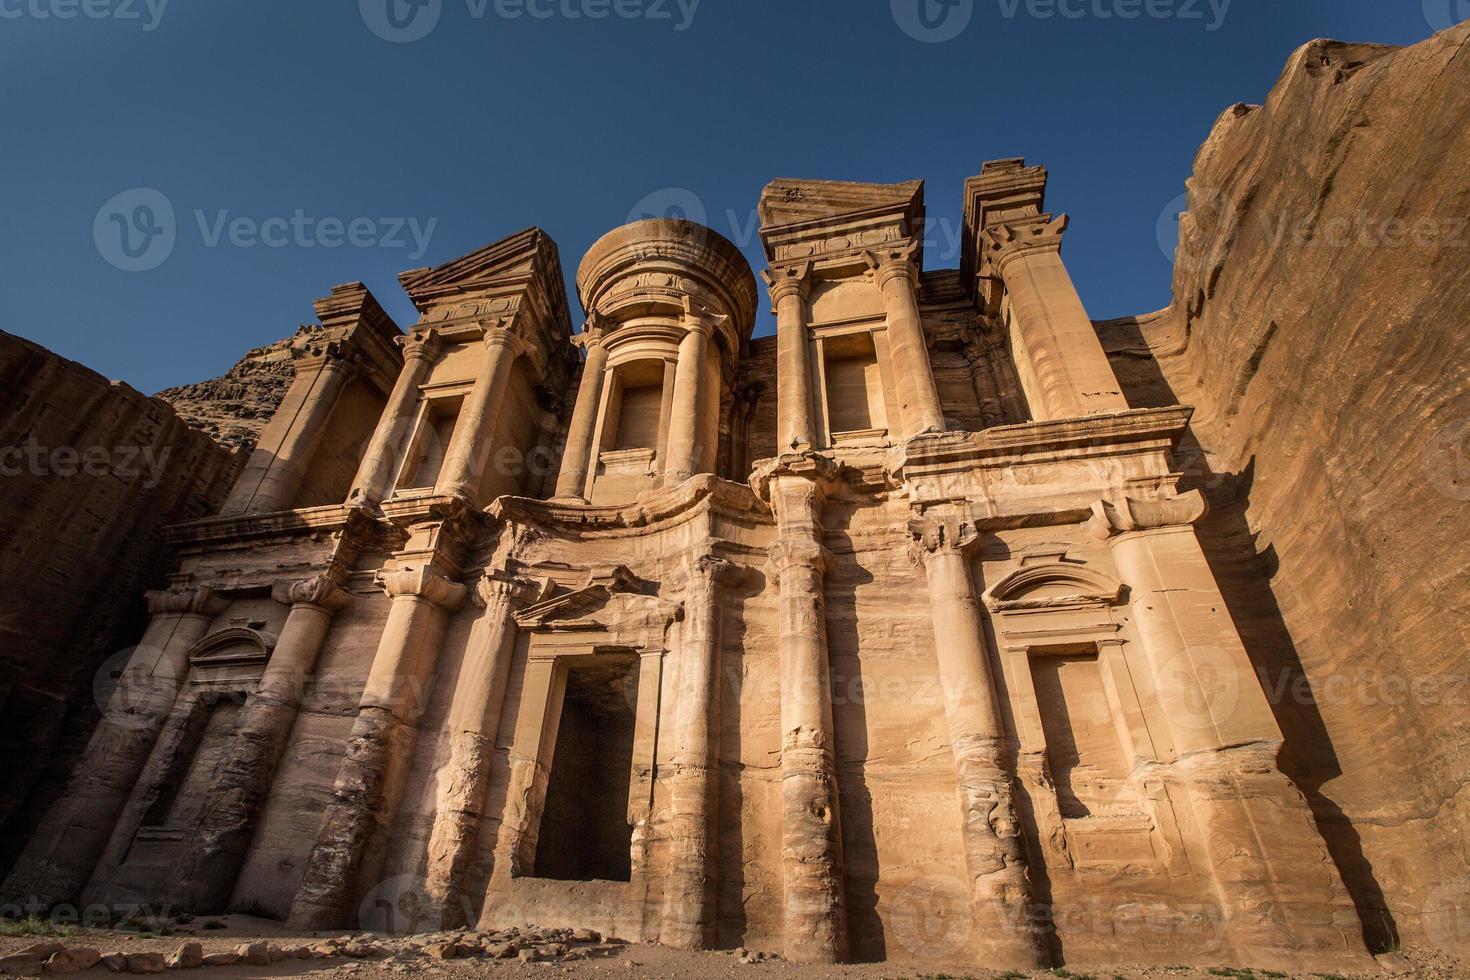 il monastero di petra, in giordania foto